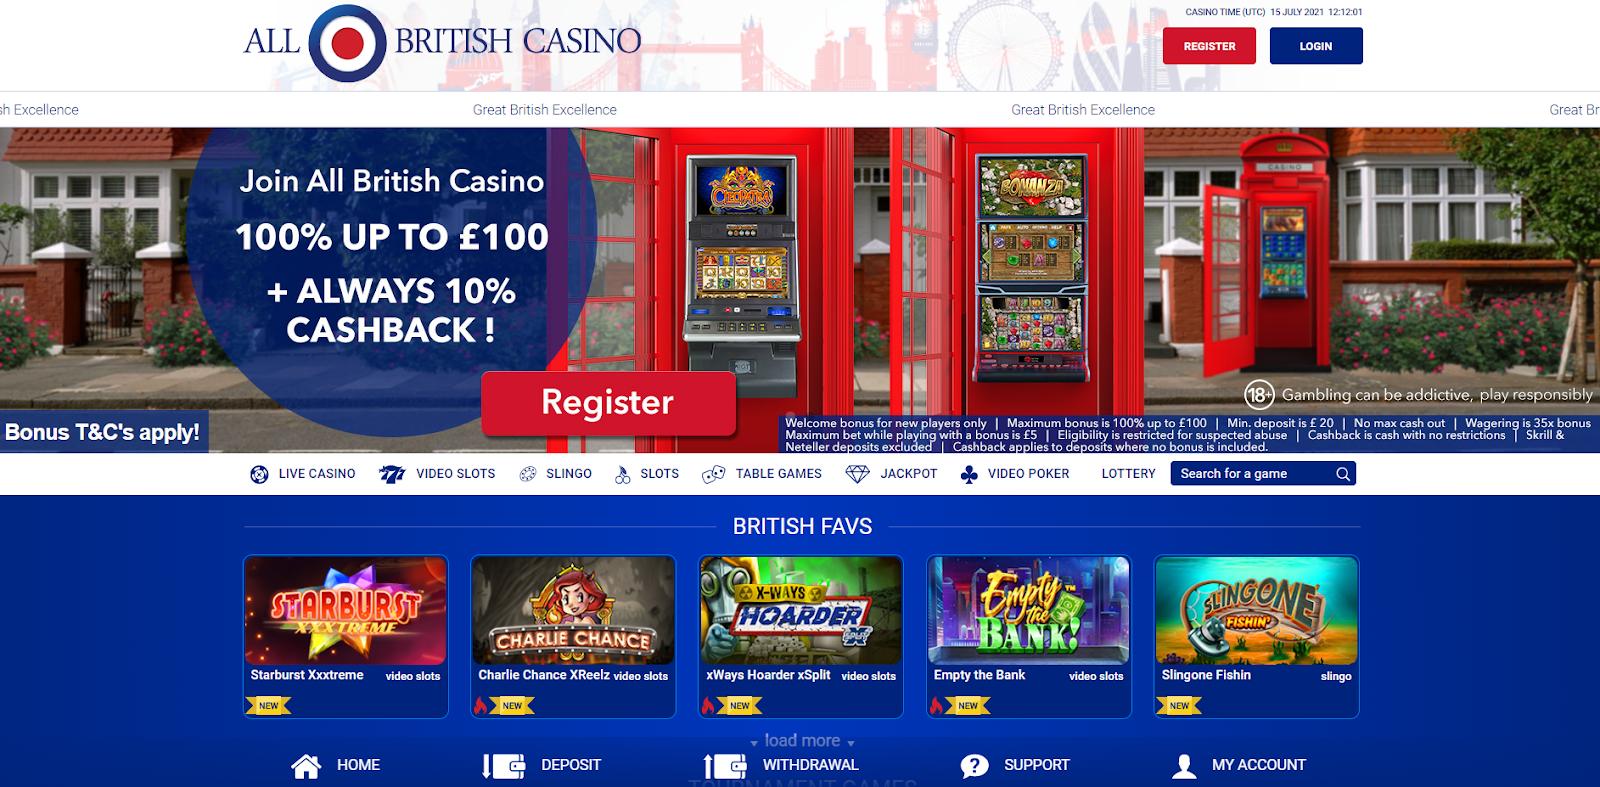 all british casino homepage